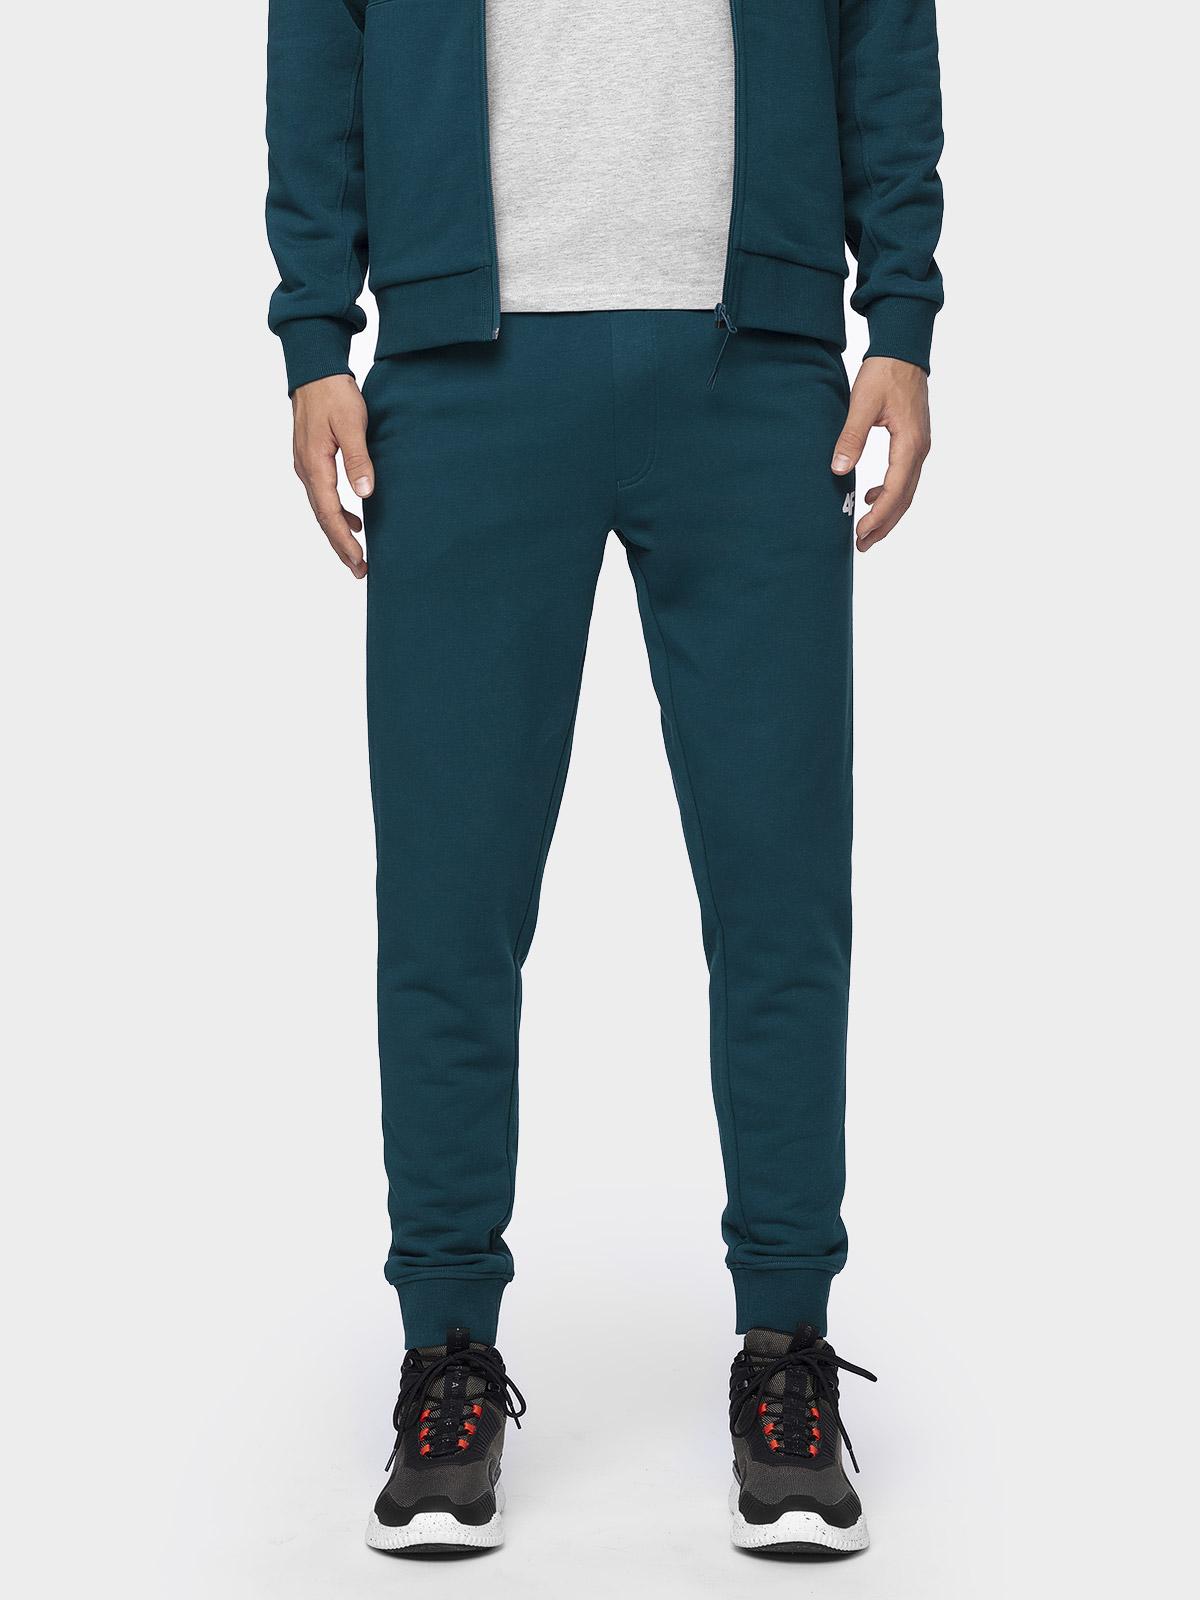 Spodnie dresowe męskie SPMD300 - denim